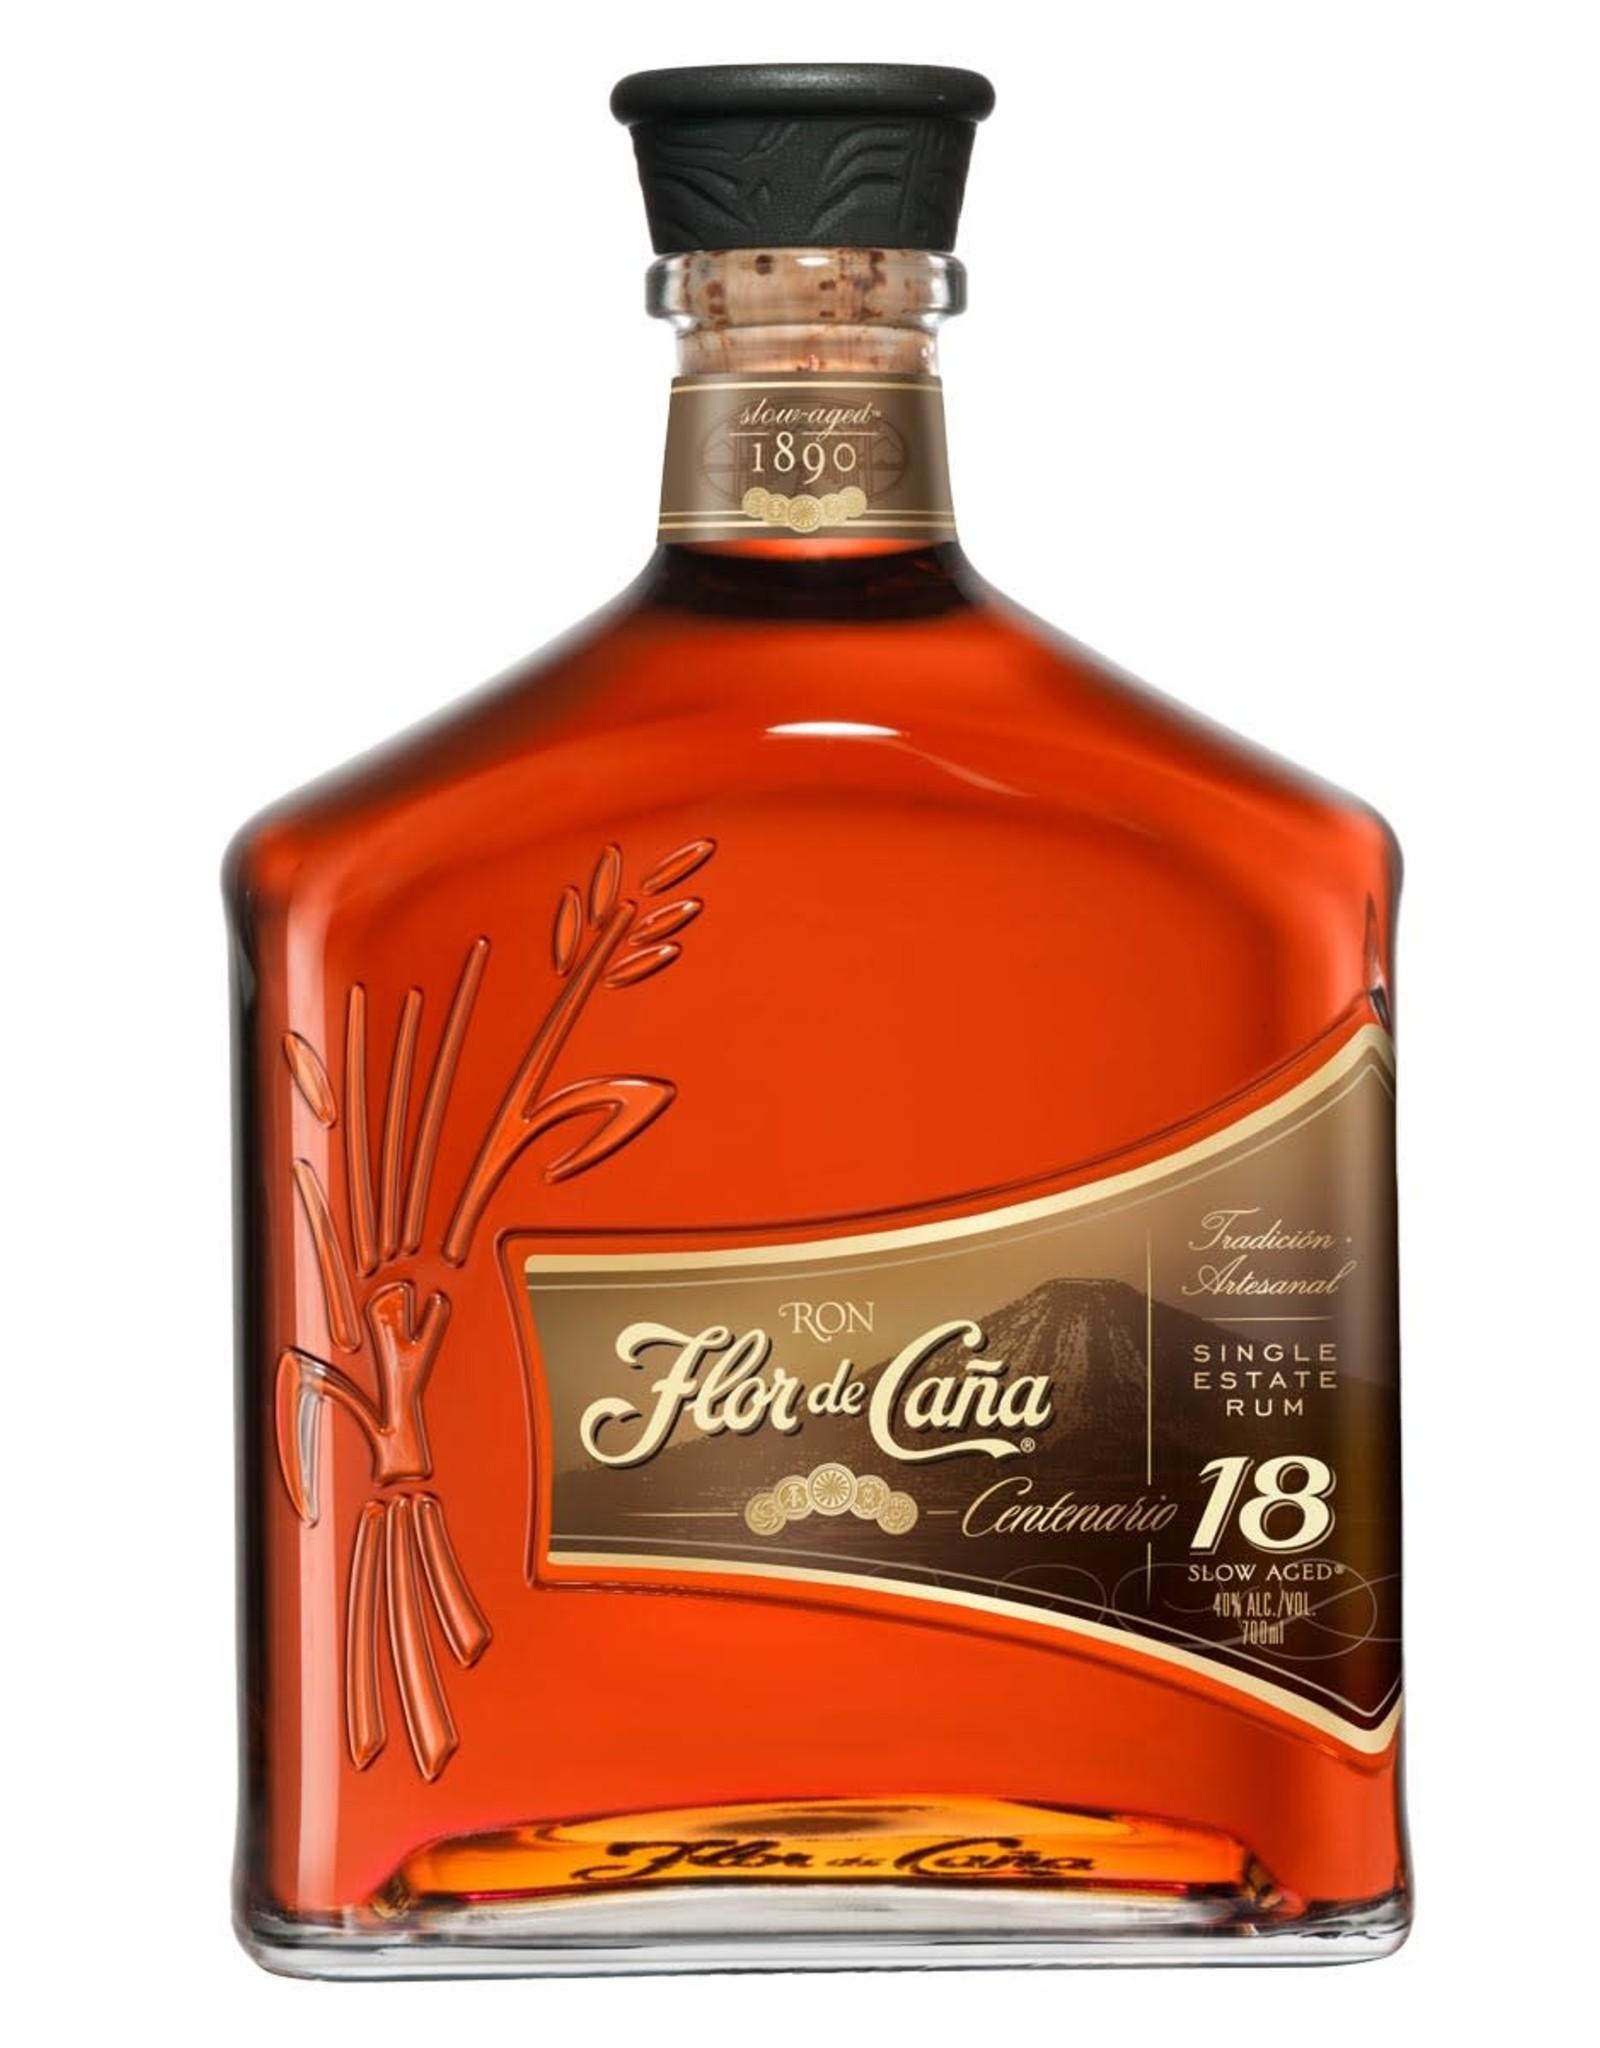 Flor de Caña 18 Year Centenario Gold Rum